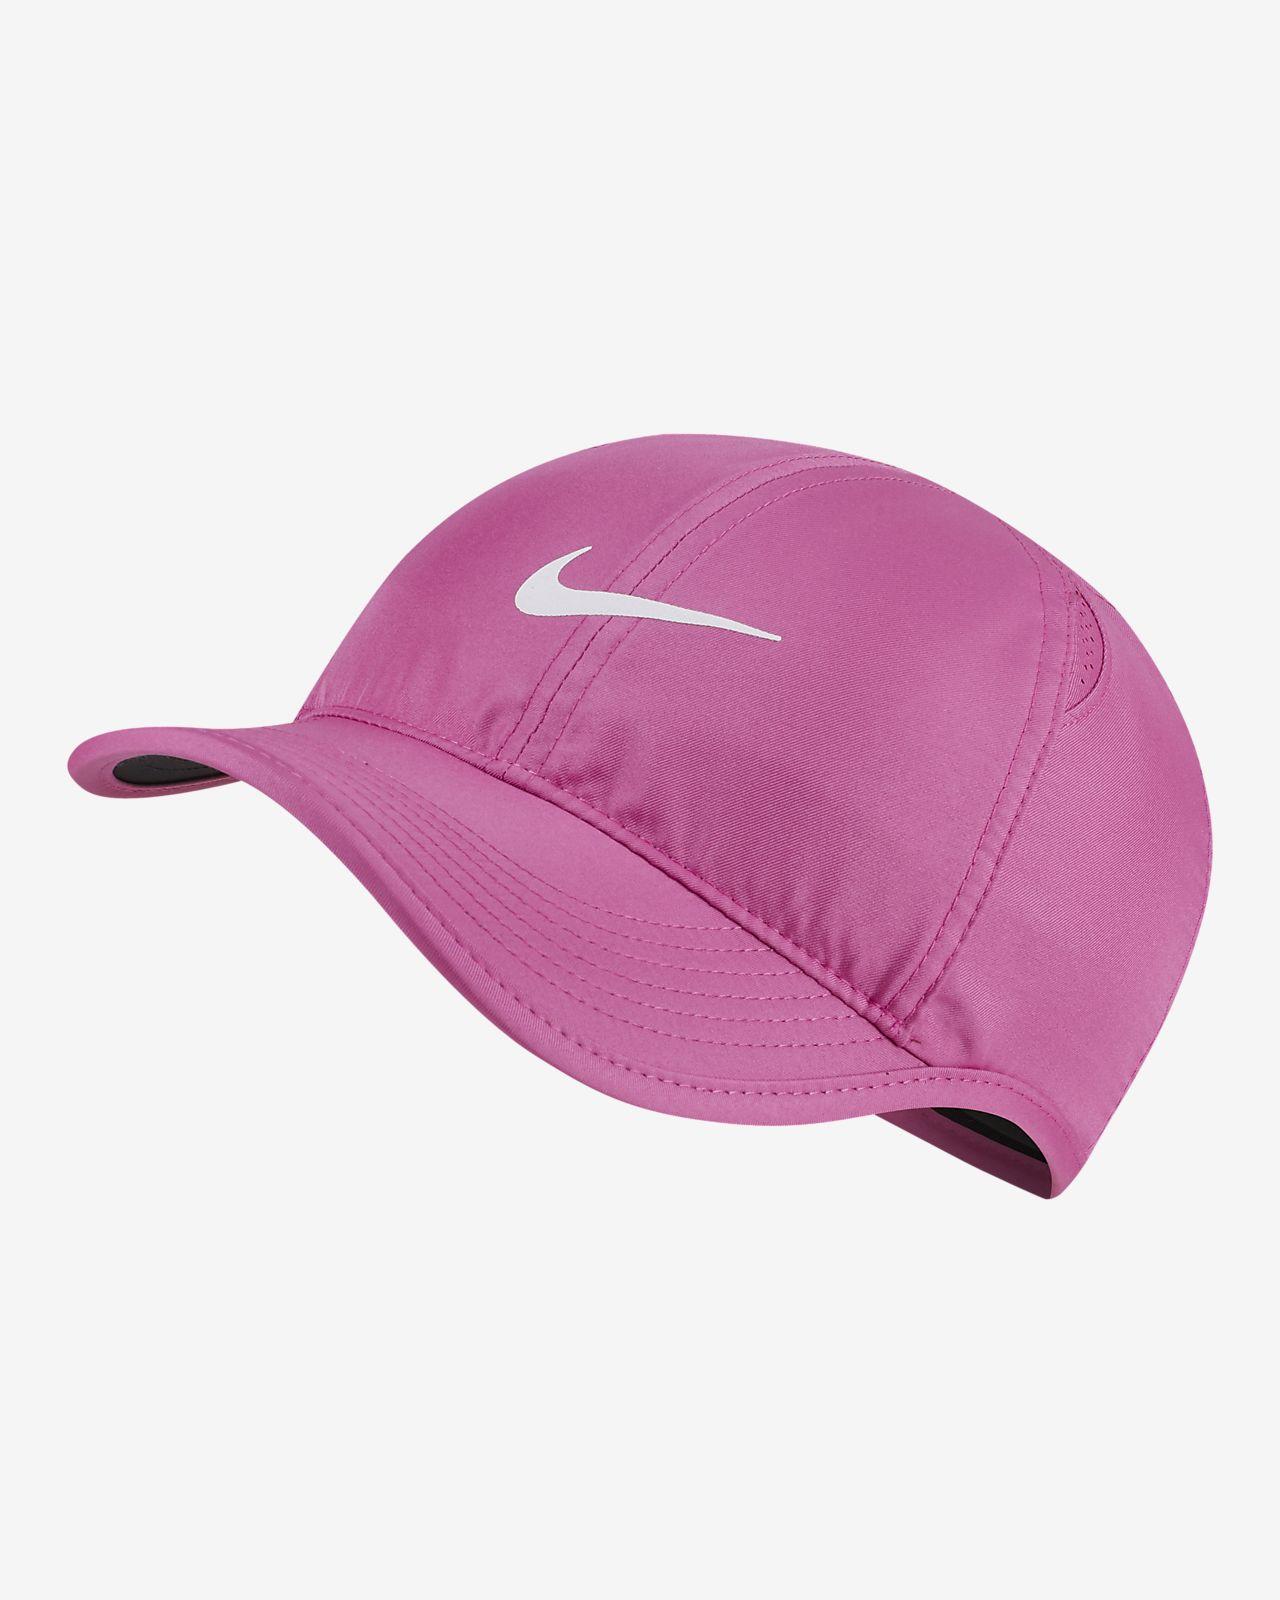 Nike Featherlight Adjustable Hat